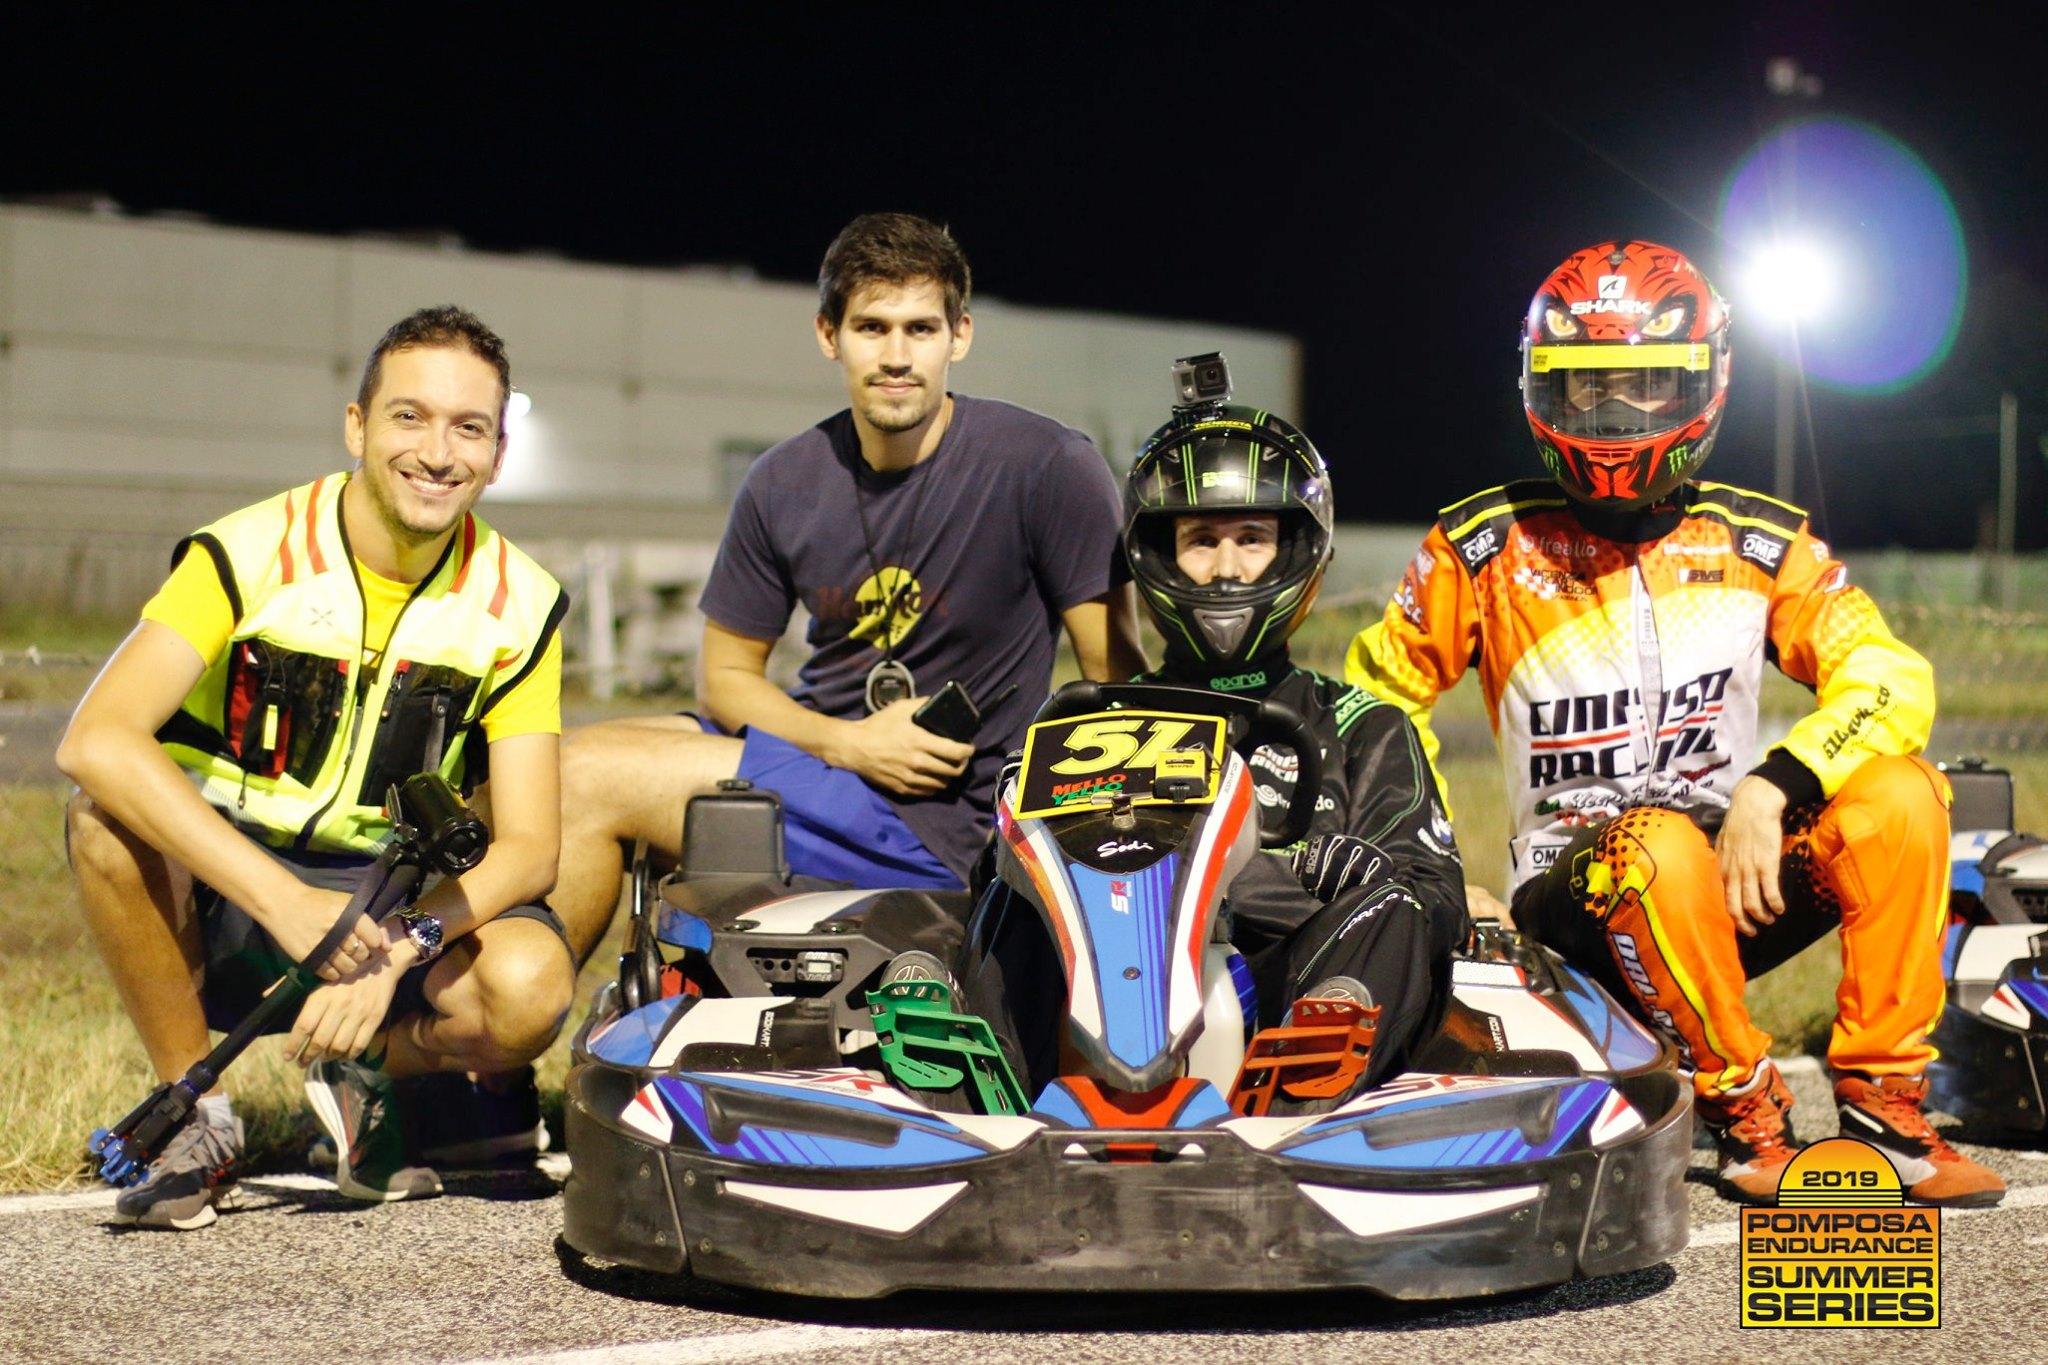 Il team - Pomposa Endurance Summer Series, 07 settembre 2019